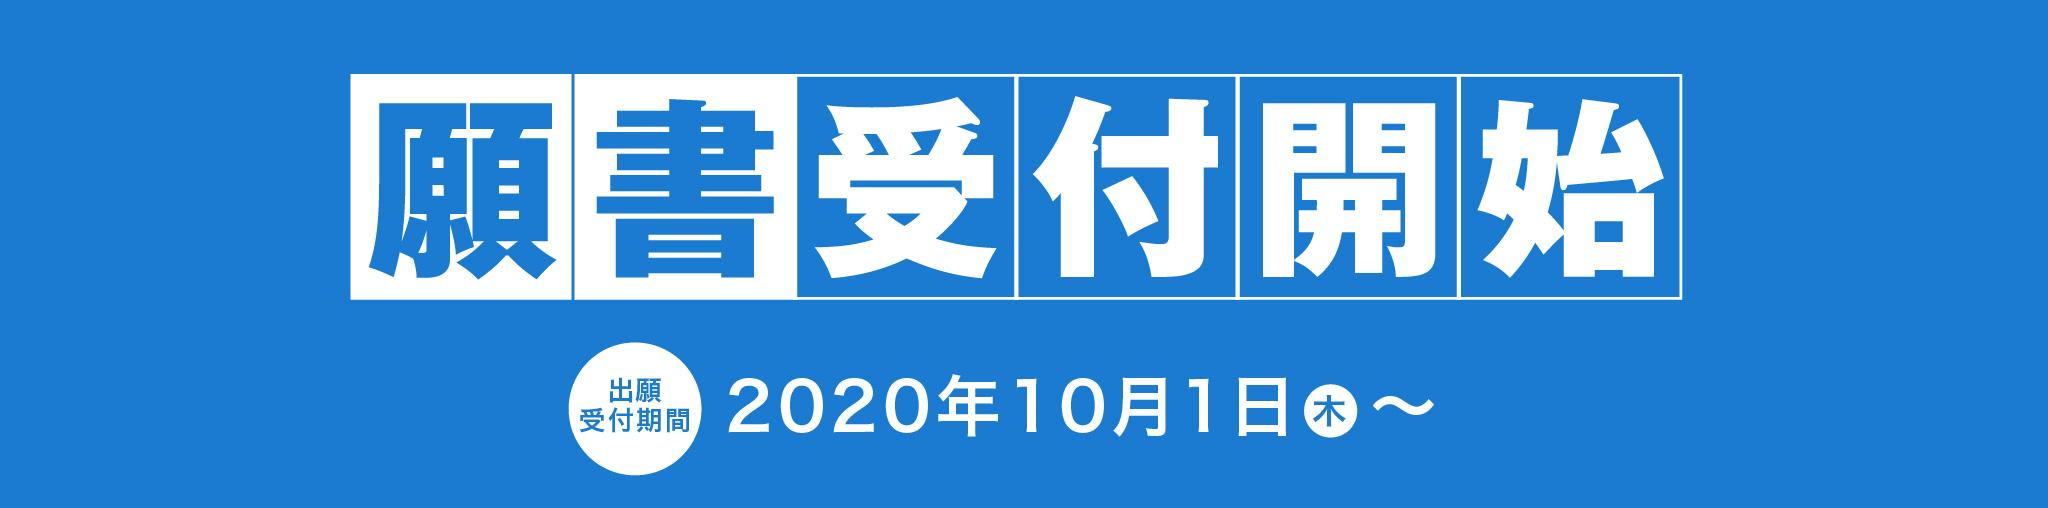 願書受付開始 2020年10月1日(木)〜